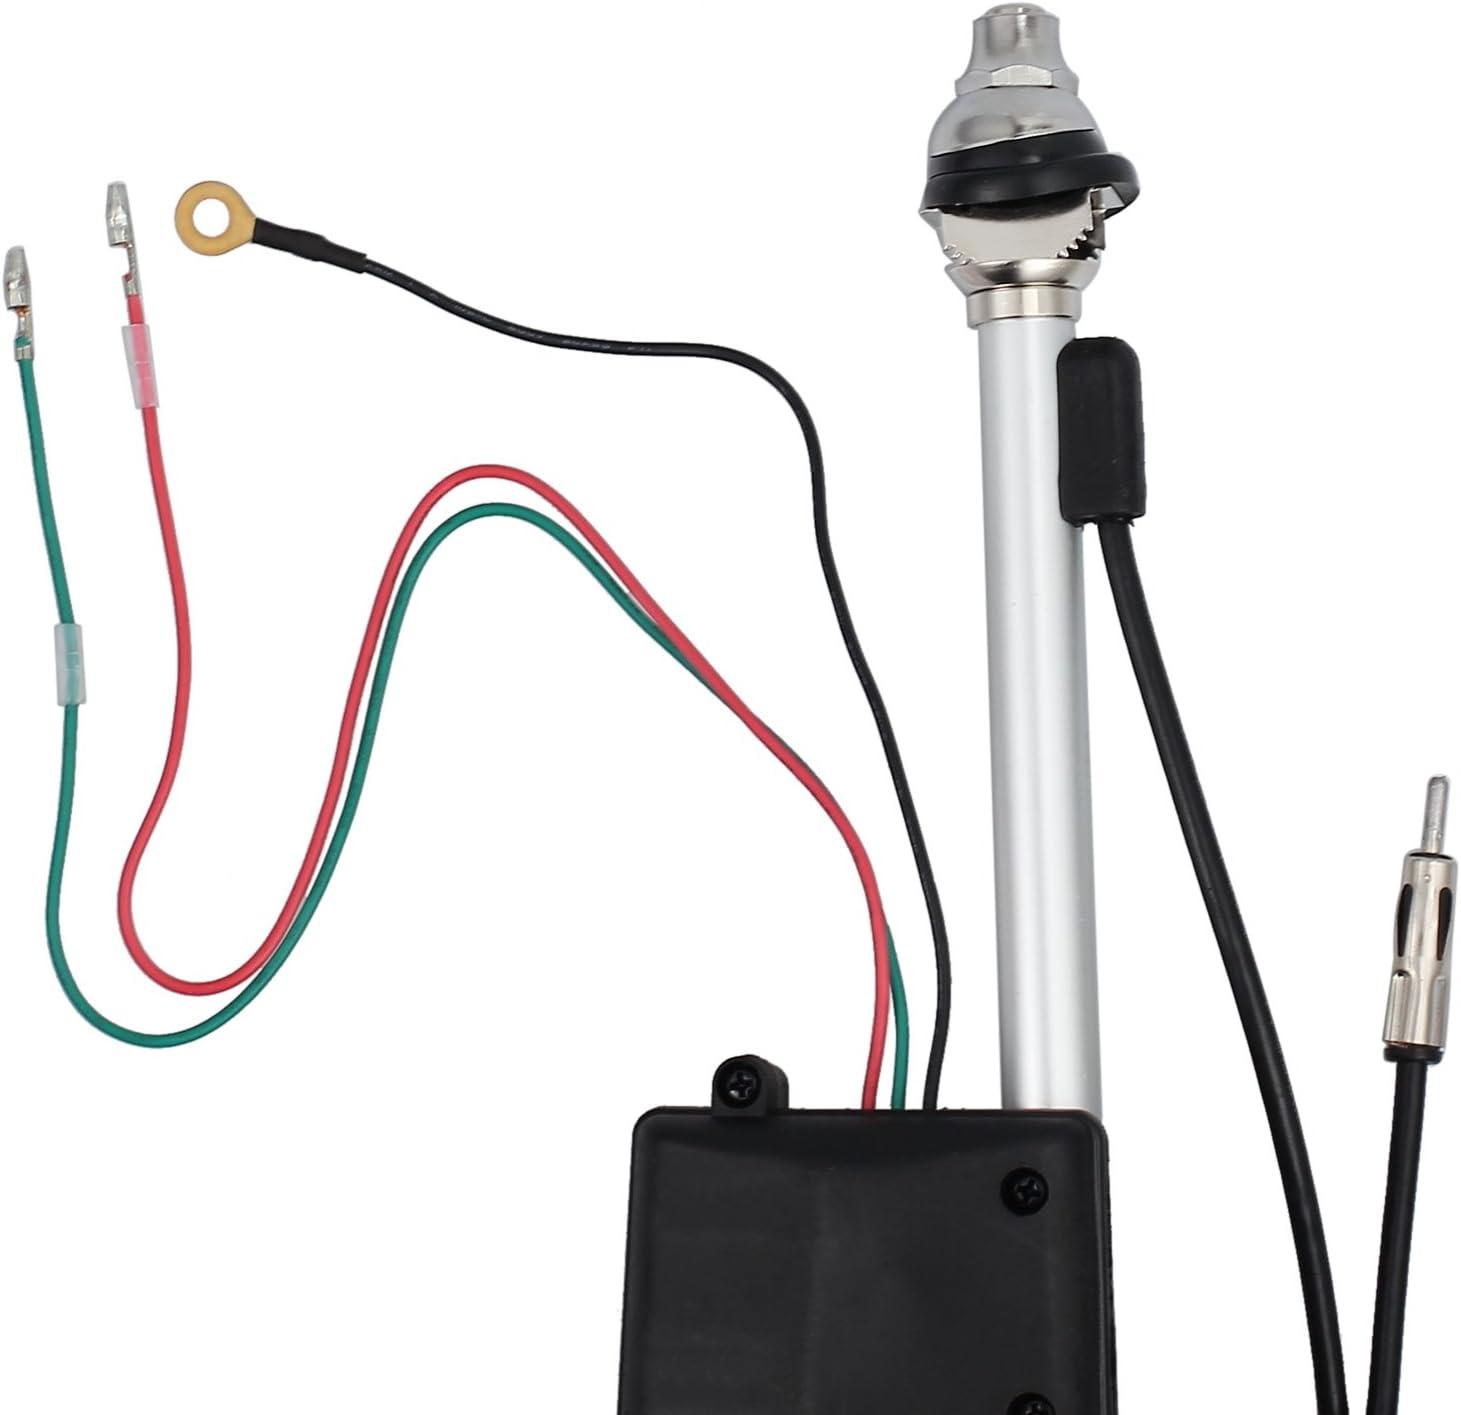 Recambio de Antena eléctrica, Coche Universal SUV Antena Eléctrica Automática Radio AM FM Mástil Antena